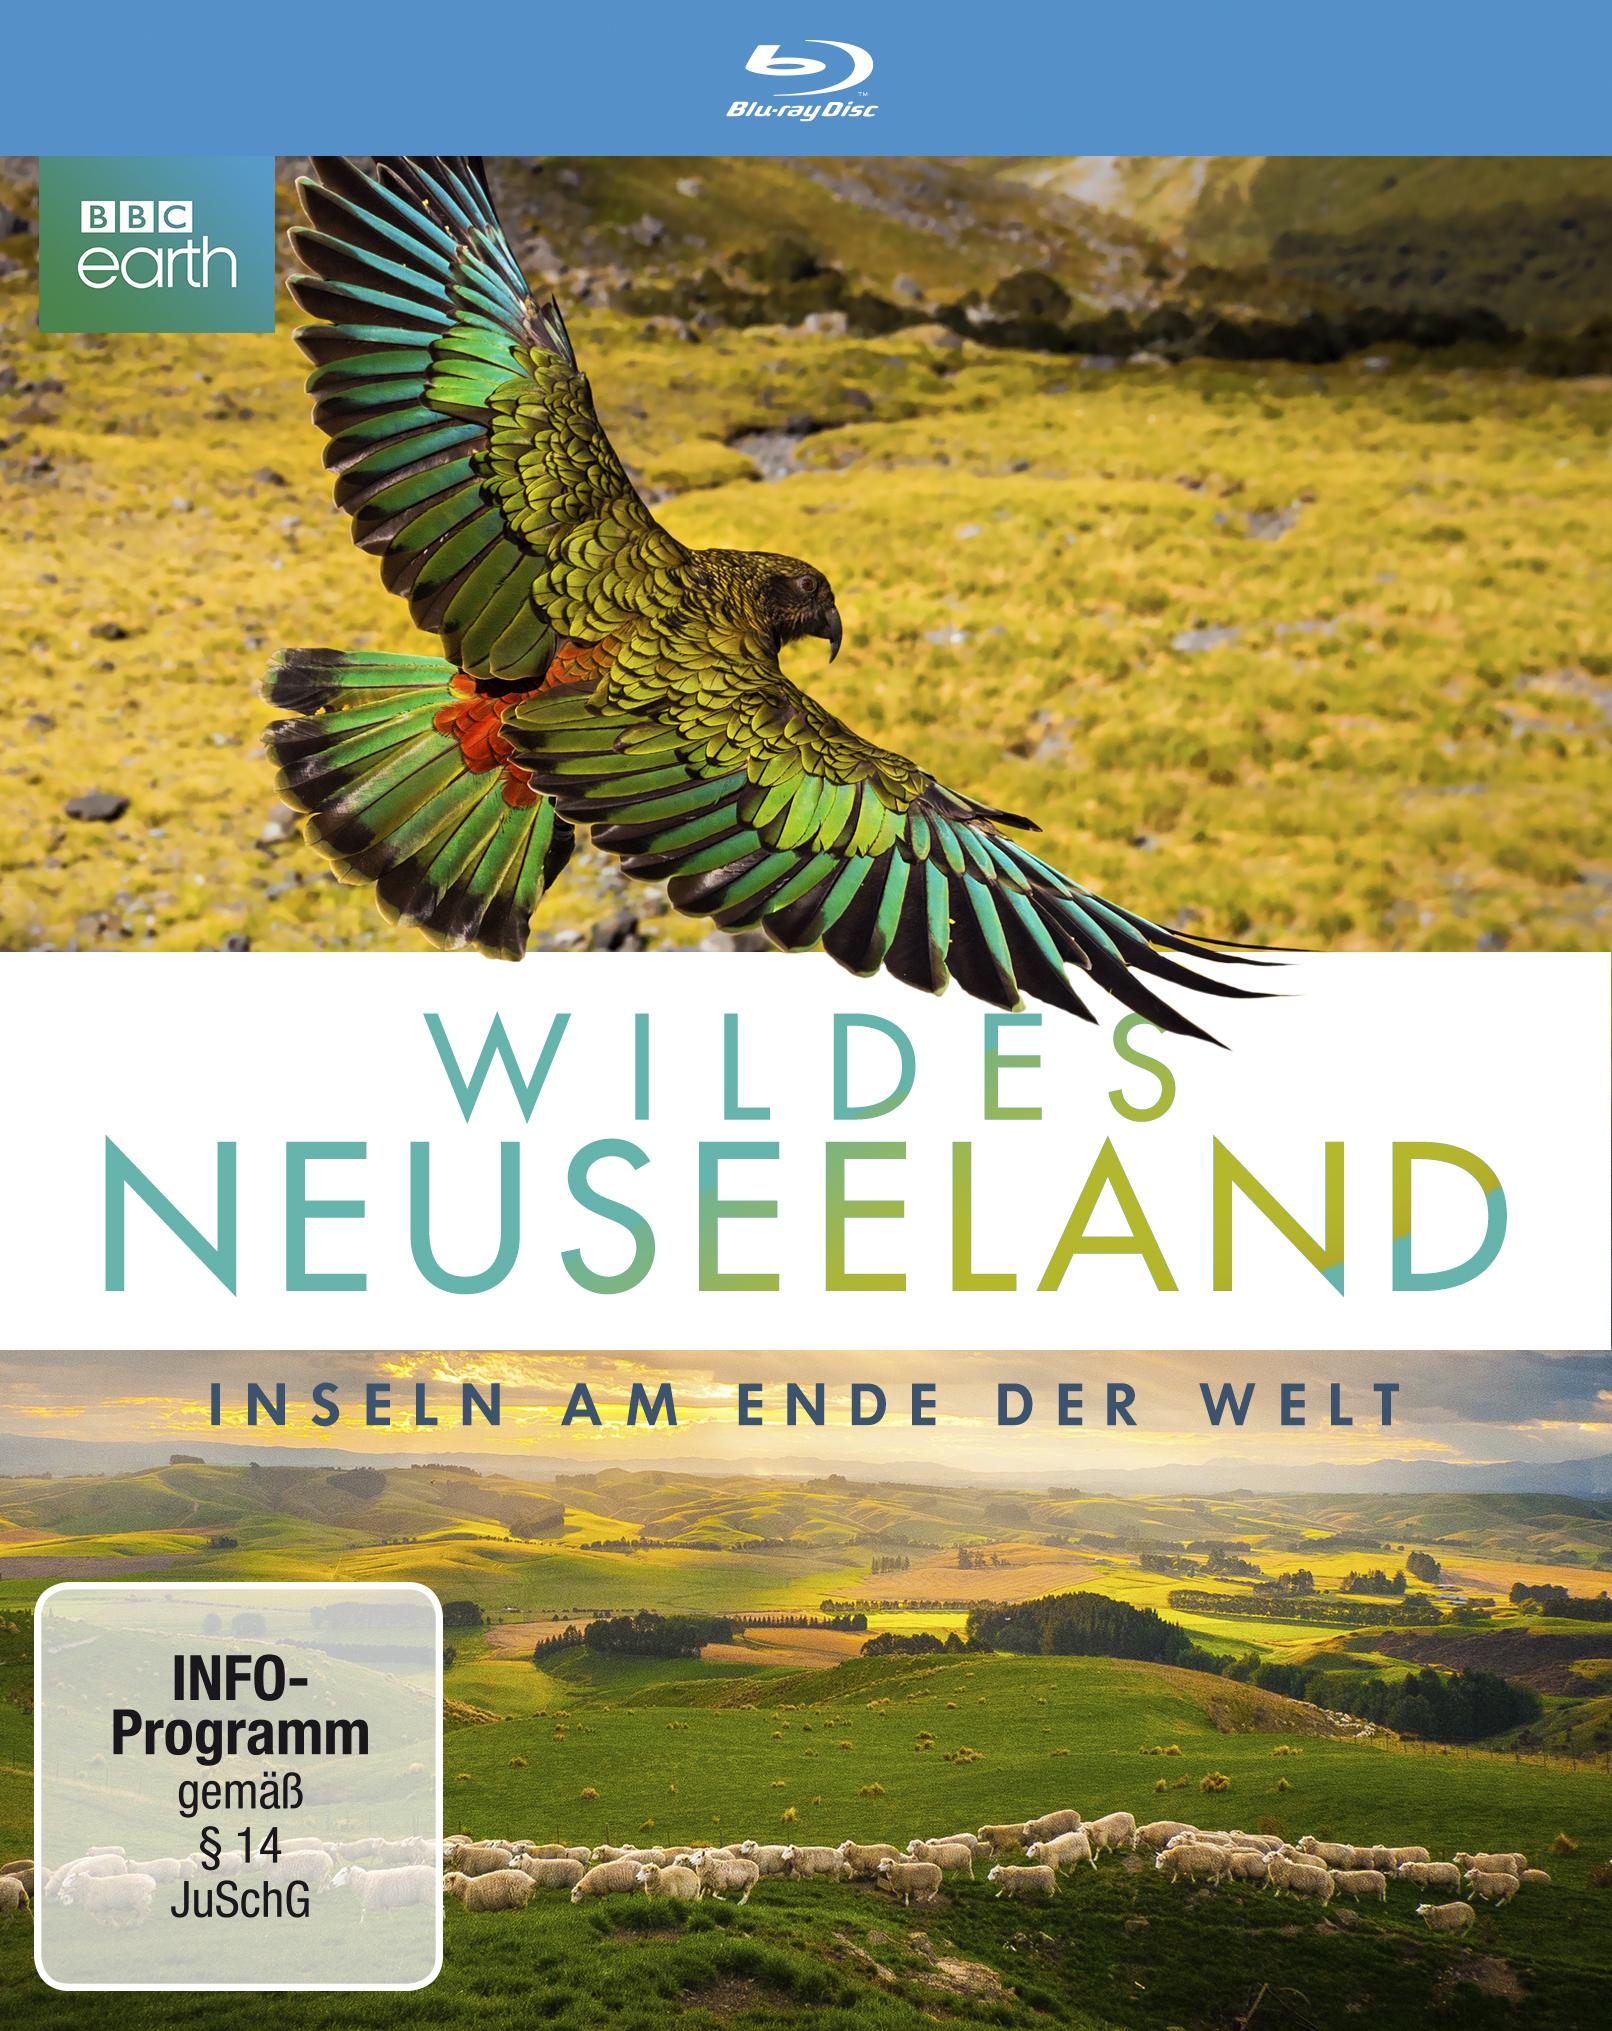 """Offizielles Blu-ray Cover von """"Wildes Neuseeland - Inseln am Ende der Welt"""" © polyband Medien GmbH"""